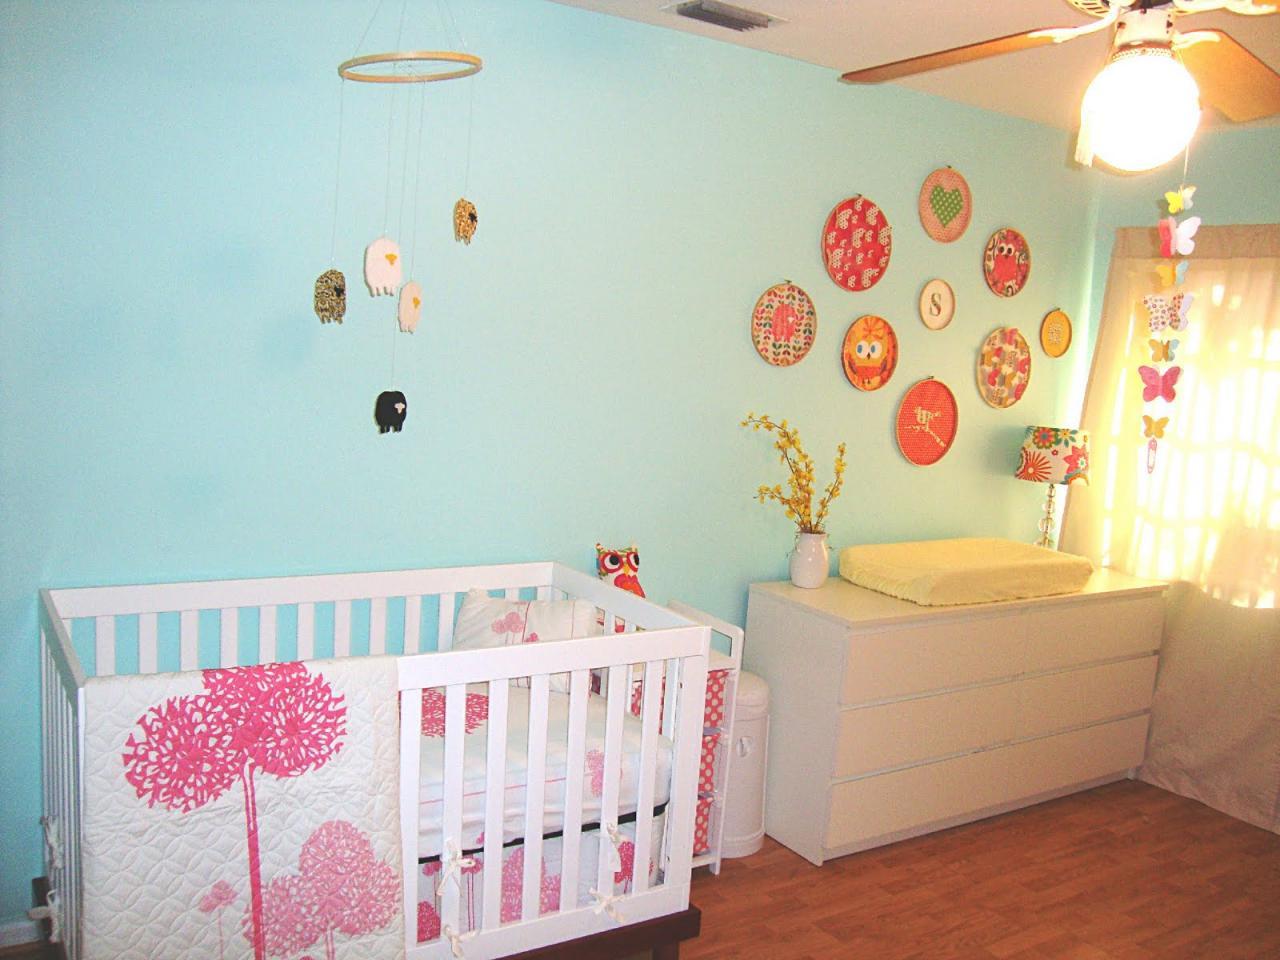 بالصور غرف بيبي بنات , متابعي جديد غرف الاطفال هذه هديتي لكم 10639 6